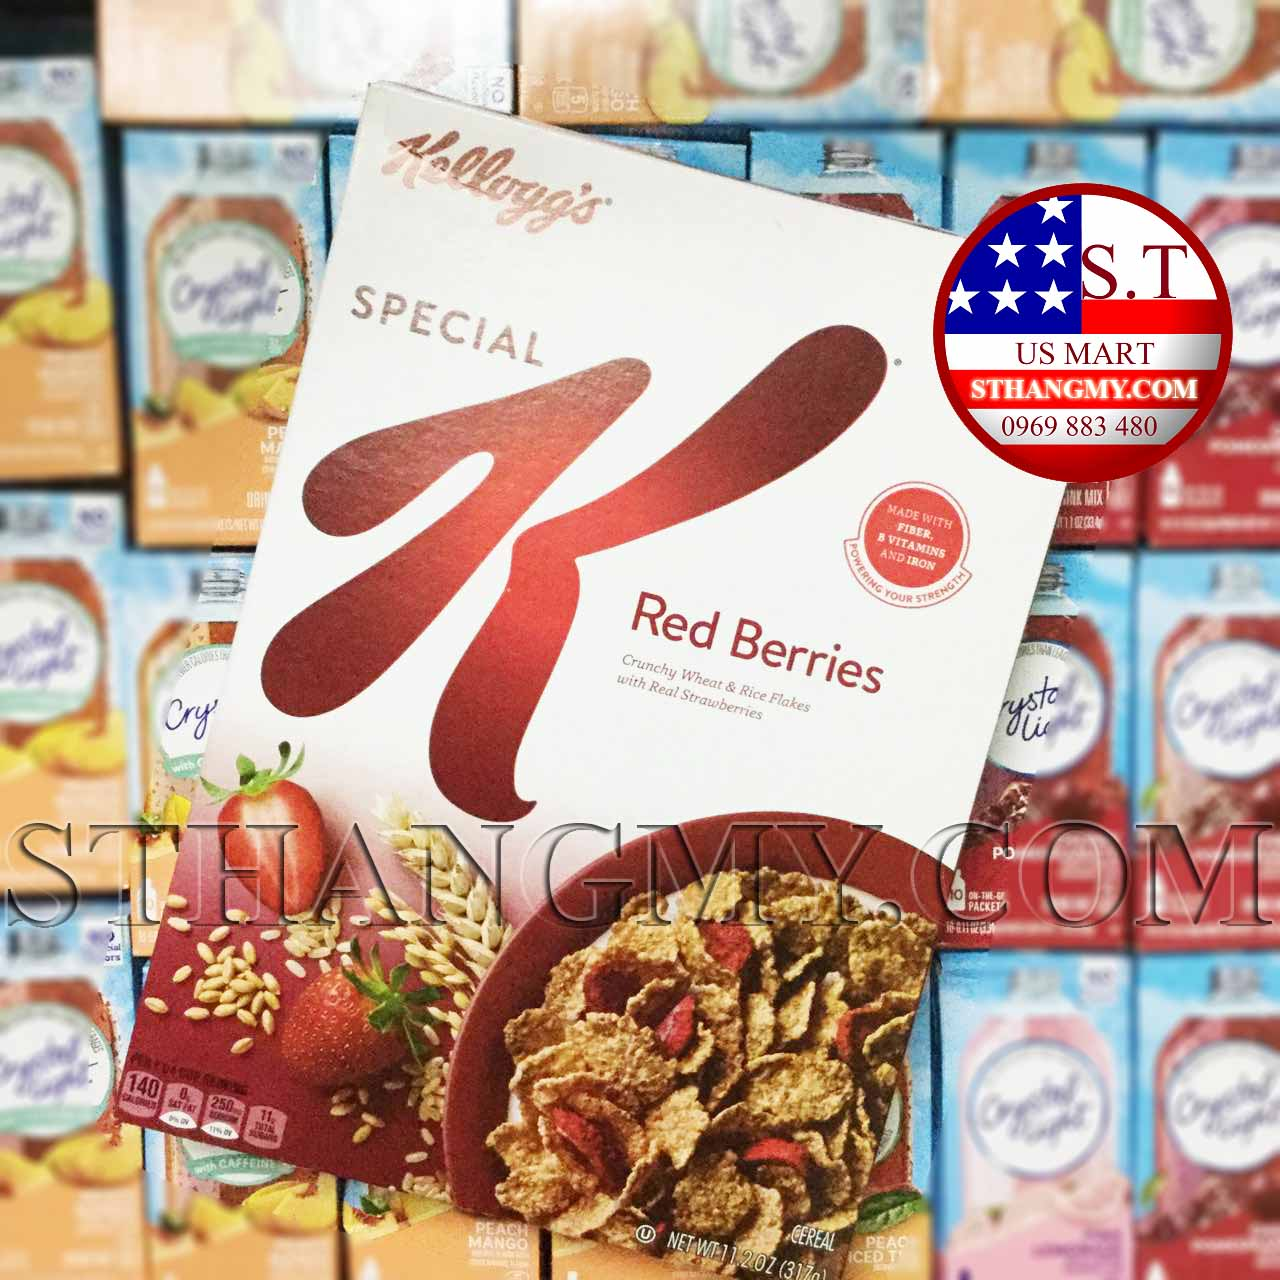 Ngũ cốc dinh dưỡng Kellogg's dâu tây 331g - Ngũ cốc giòn với dâu tây thật bên trong